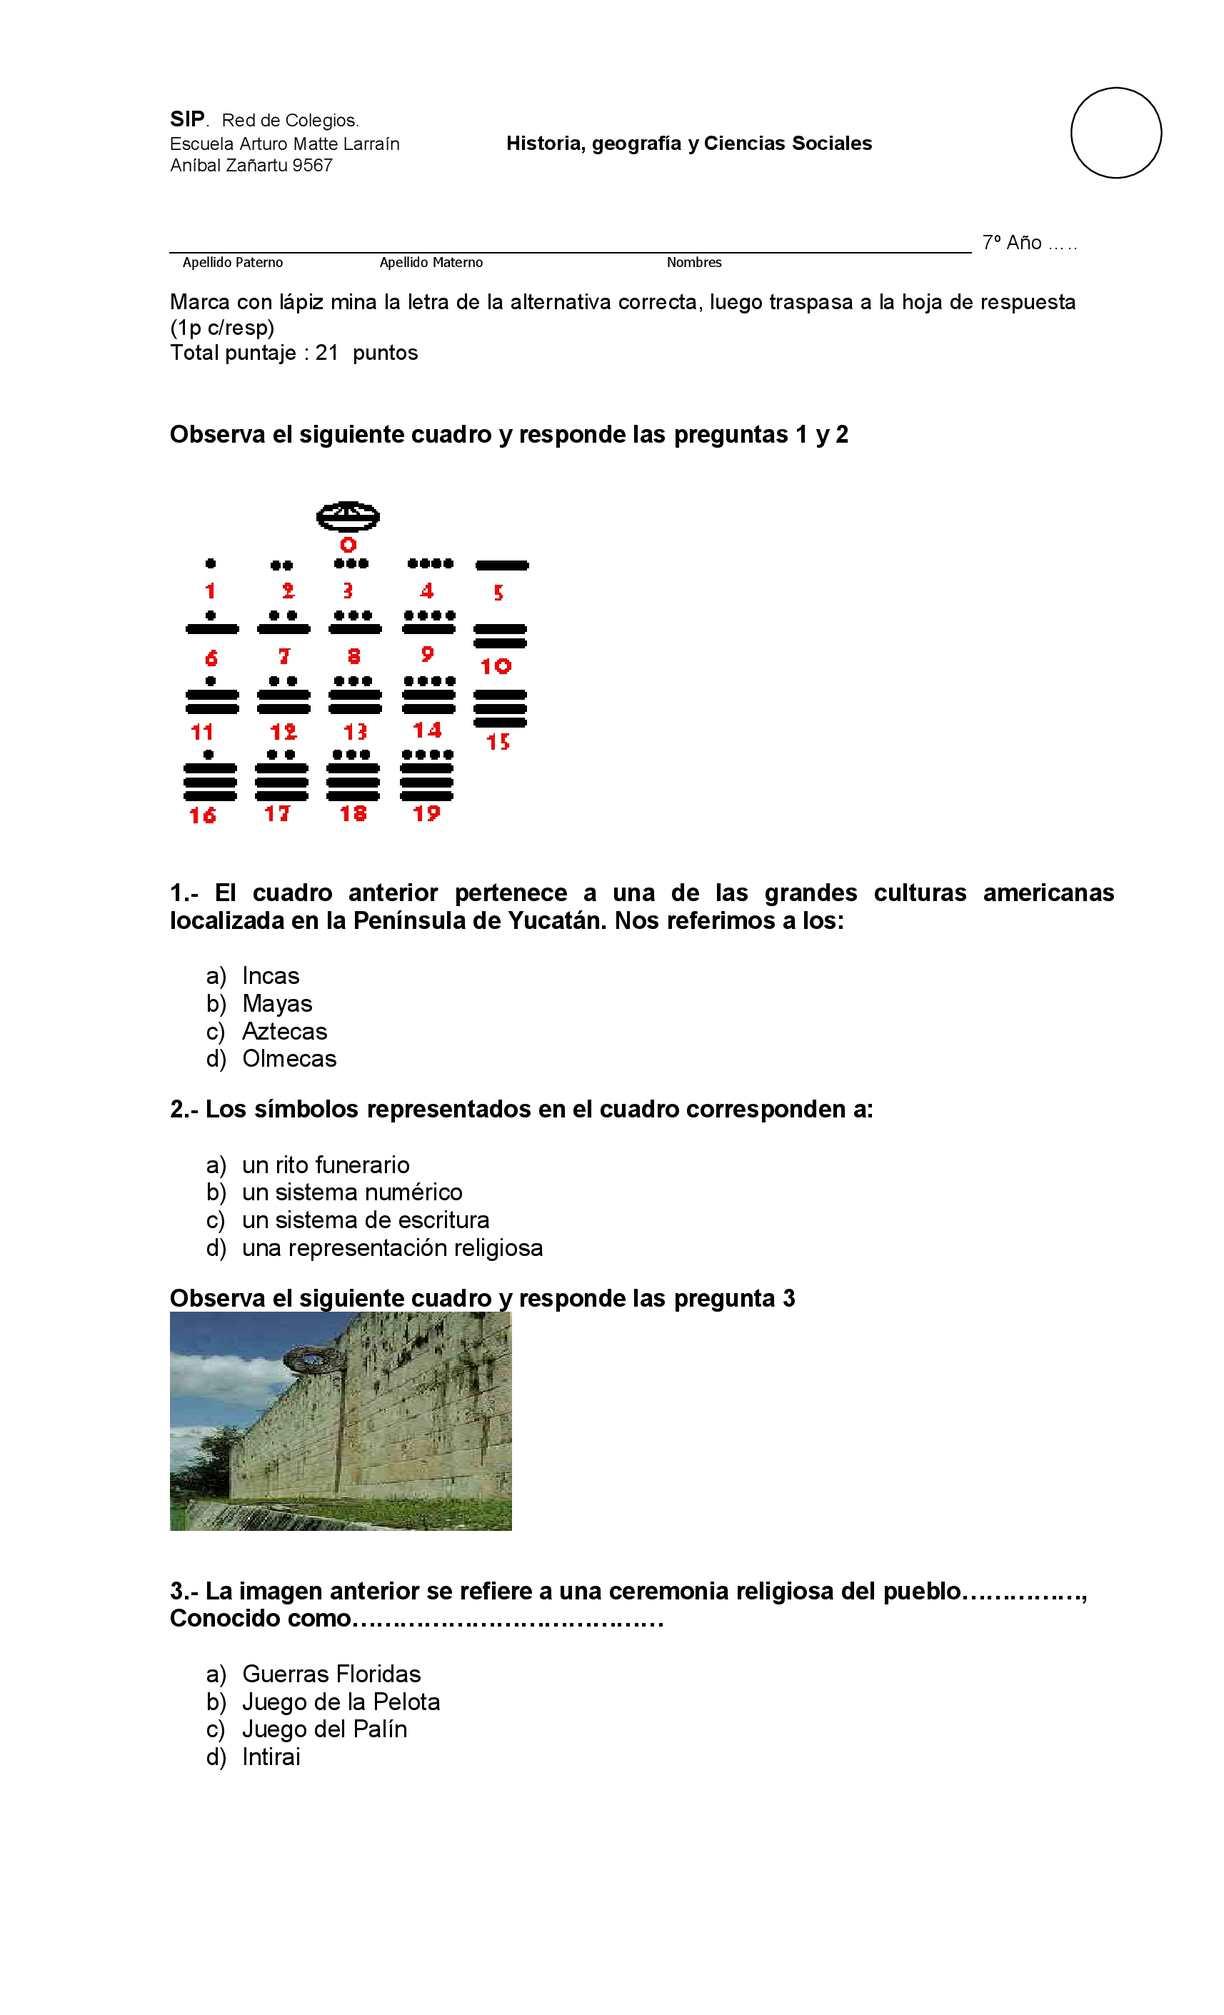 Prueba  escrita de pueblos precolombinos